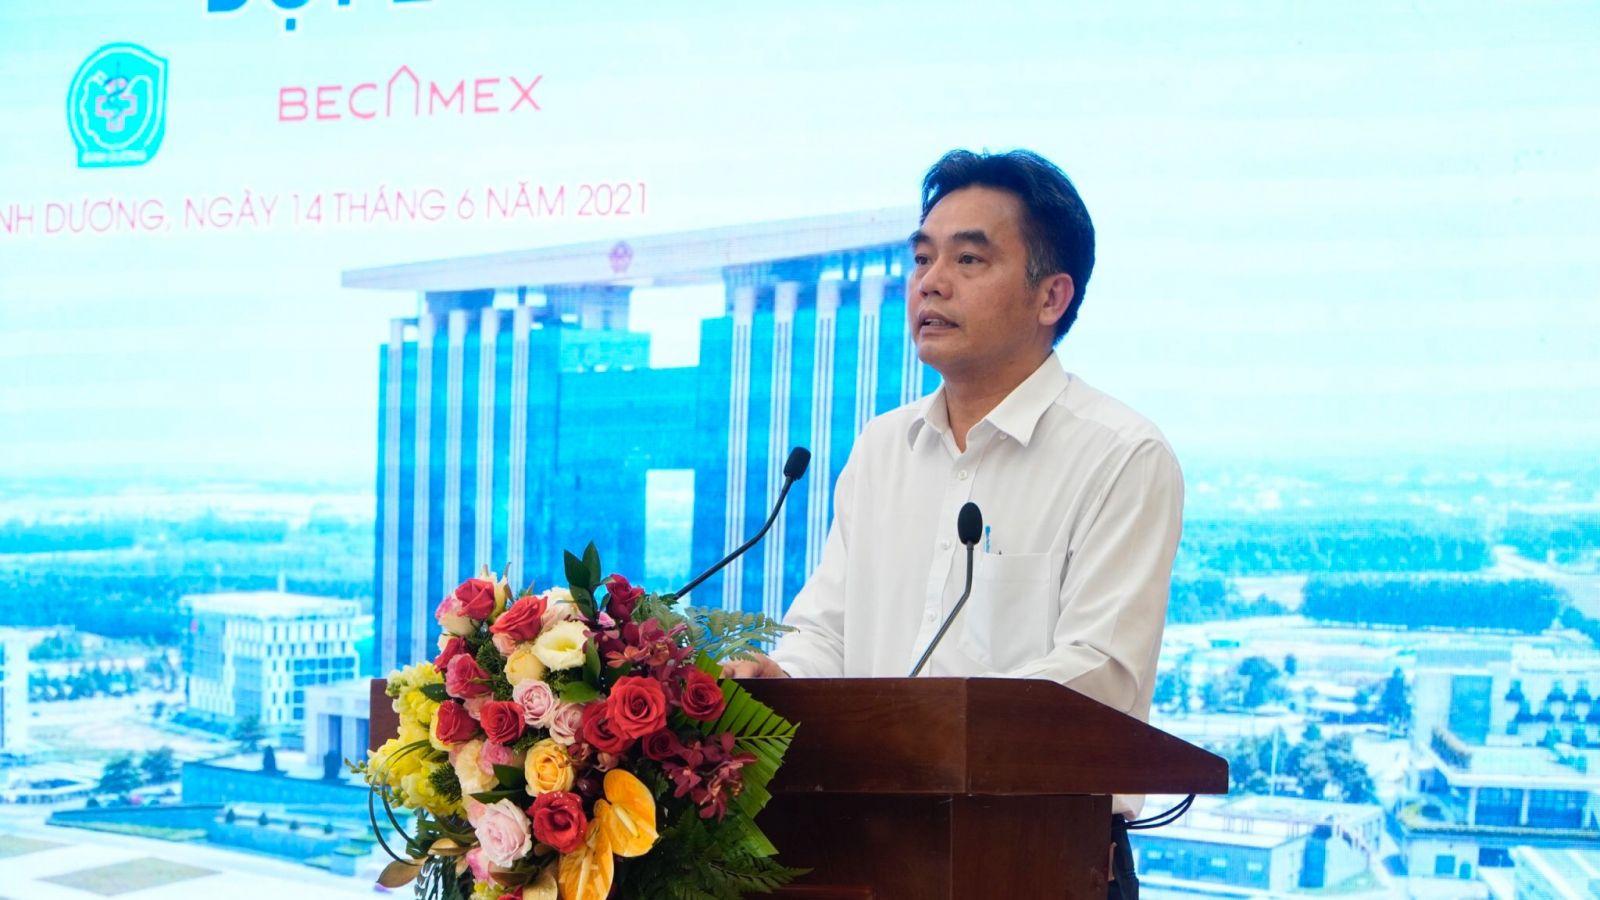 Ông Nguyễn Lộc Hà, Ủy viên Thường vụ Tỉnh ủy, Phó Chủ tịch UBND tỉnh phát biểu tại buổi lễ.